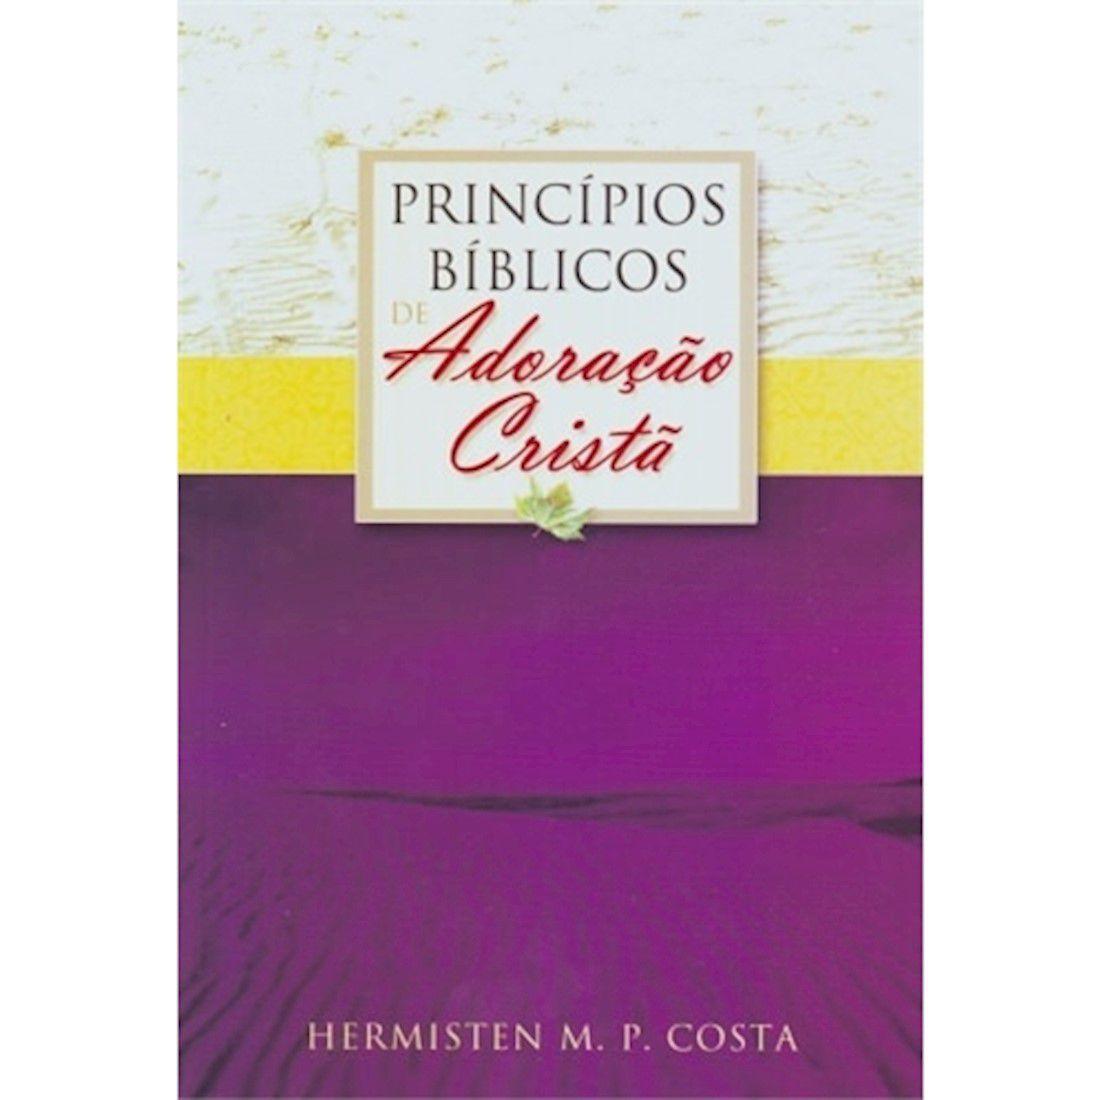 Livro Princípios Bíblicos de Adoração Cristã